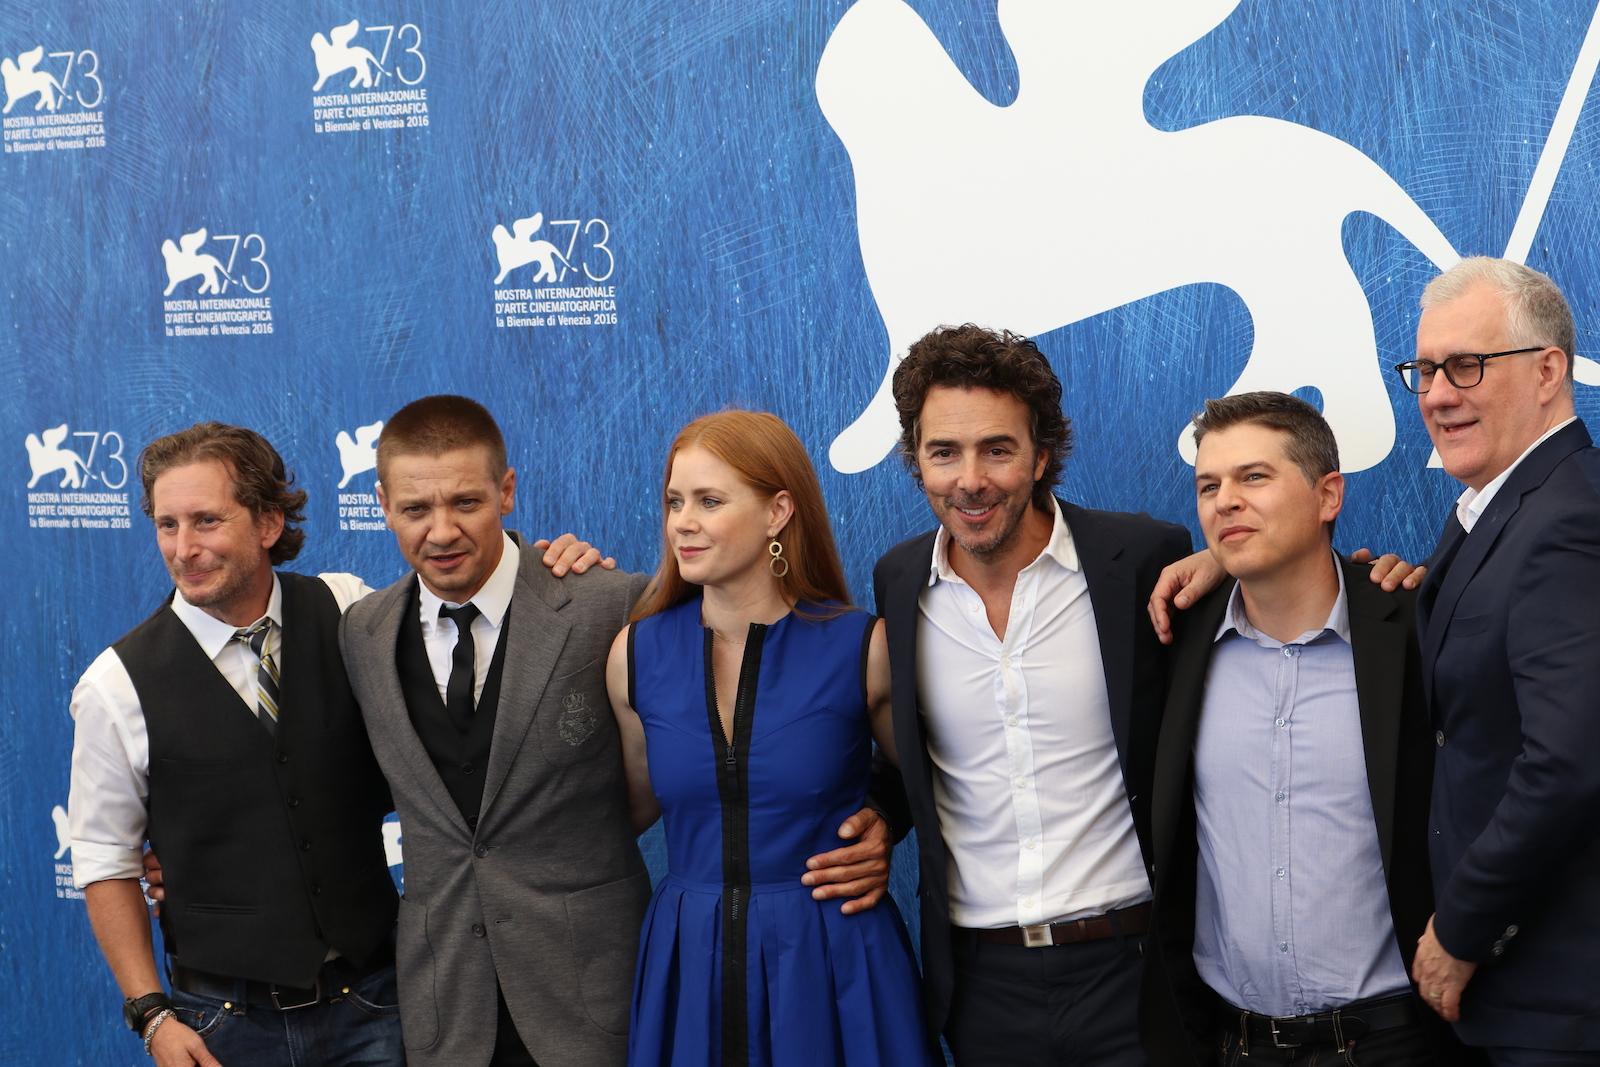 Venezia 2016: Amy Adams, Jeremy Renner e i produttori del film Arrival al photocall